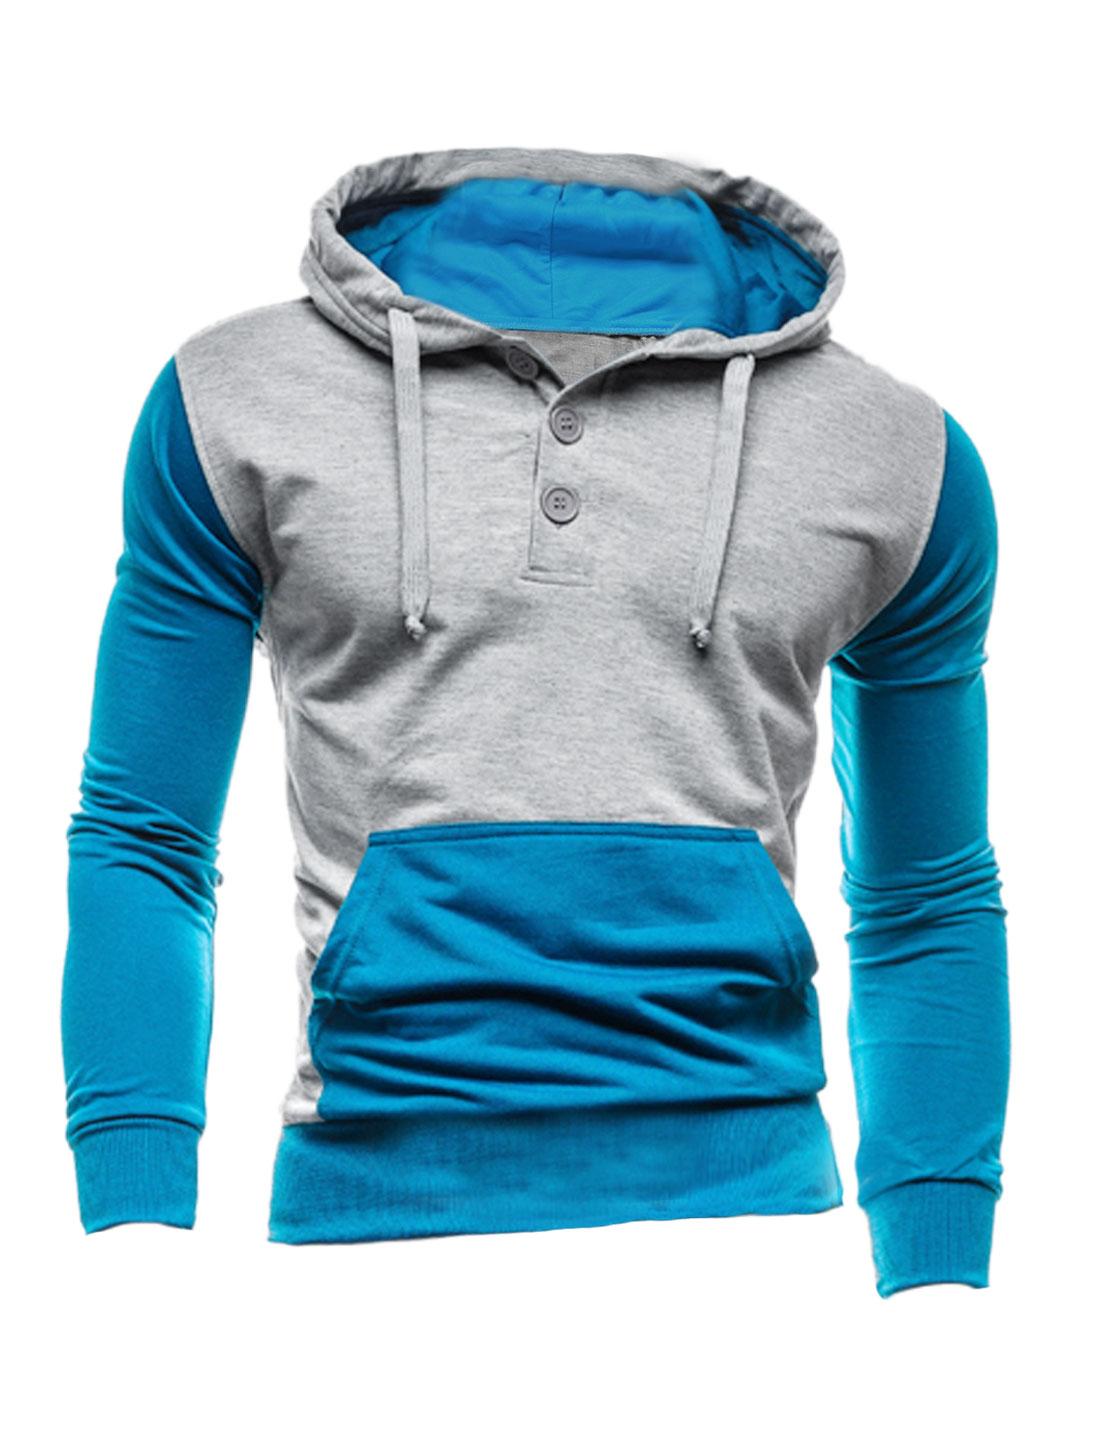 Men Long Sleeve Drawstring Hooded Color Block Hoodie Sweatshirt Blue Light Gray M